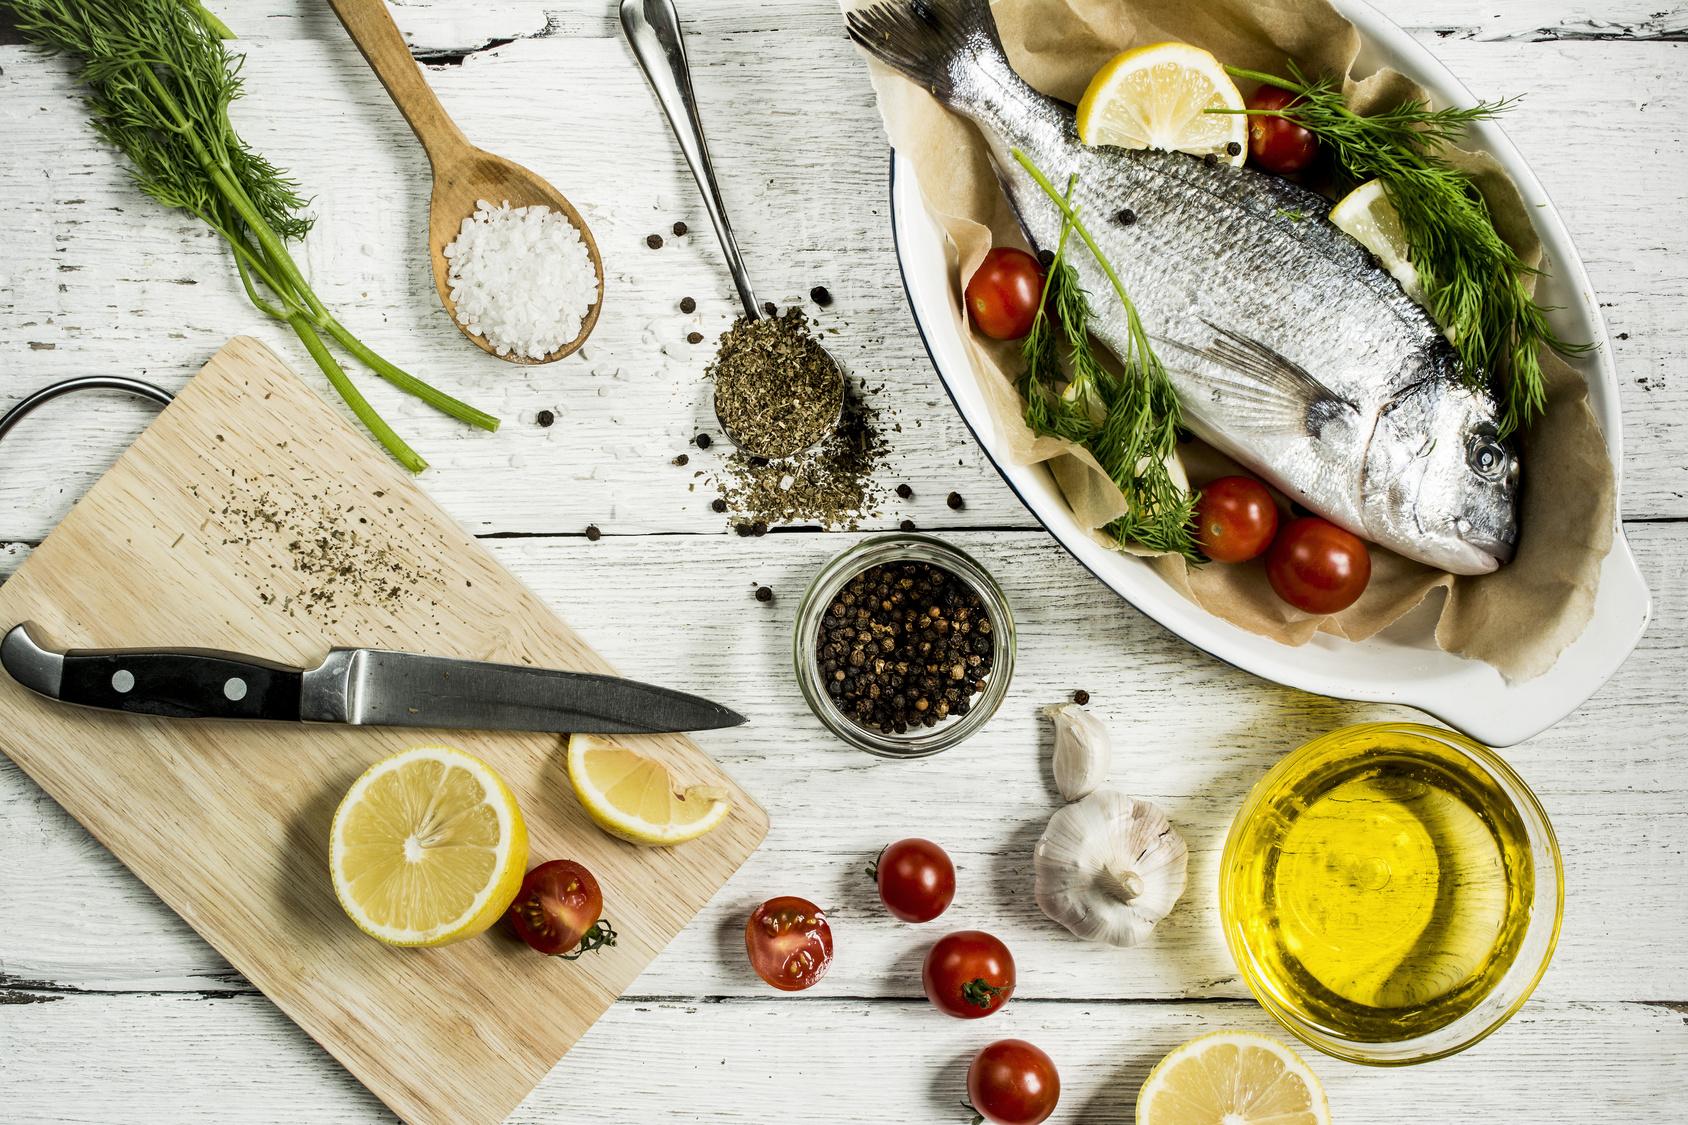 Recettes de cuisine plancha sp cial t jardindeco for Plancha cuisine